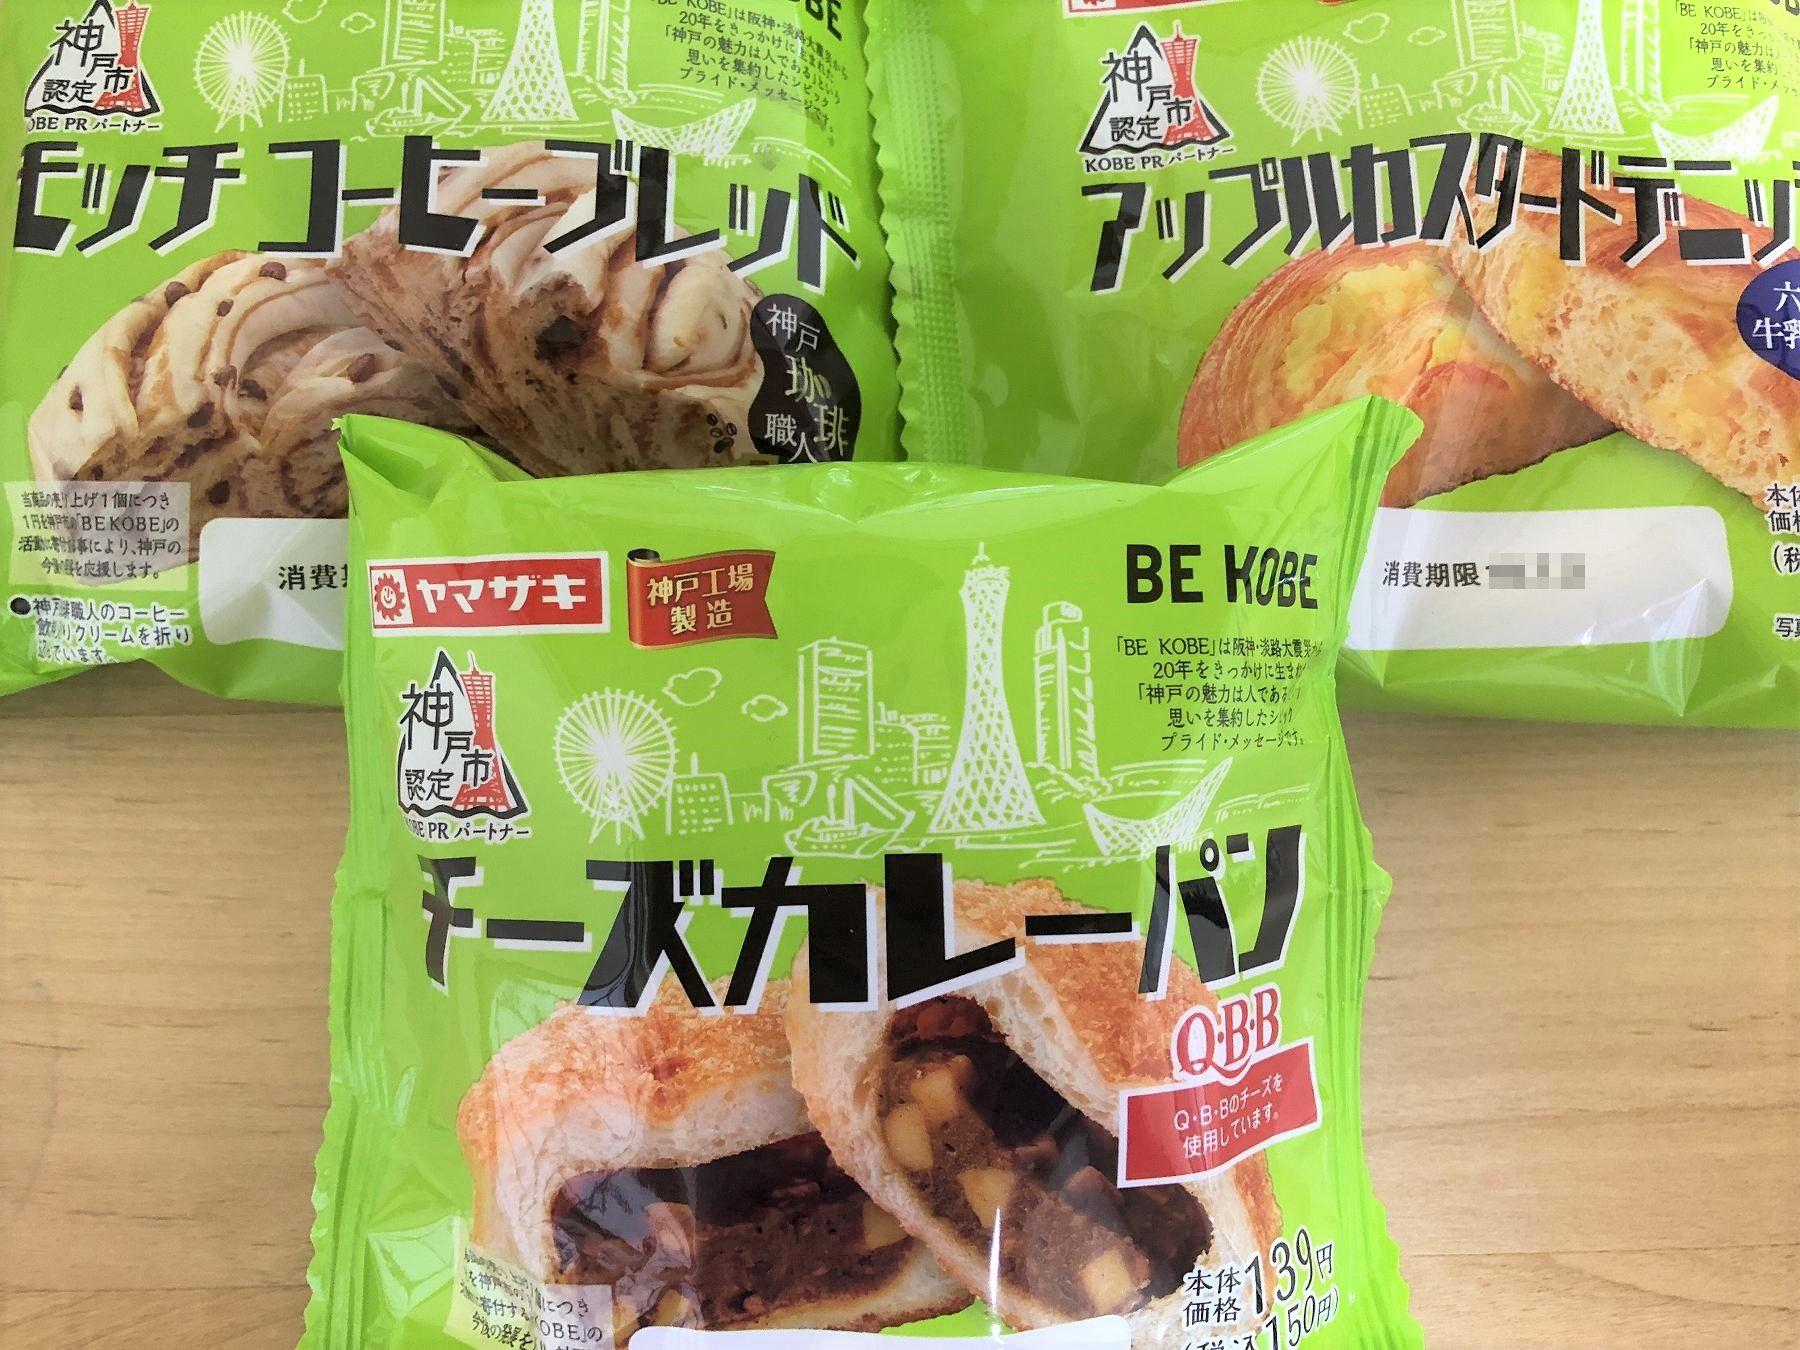 神戸にゆかりのある素材を使ったパンが期間限定で発売!神戸市&山崎製パン&ローソンのコラボパンを食べ比べてみた! #神戸市 #山崎製パン #ローソン #菓子パン